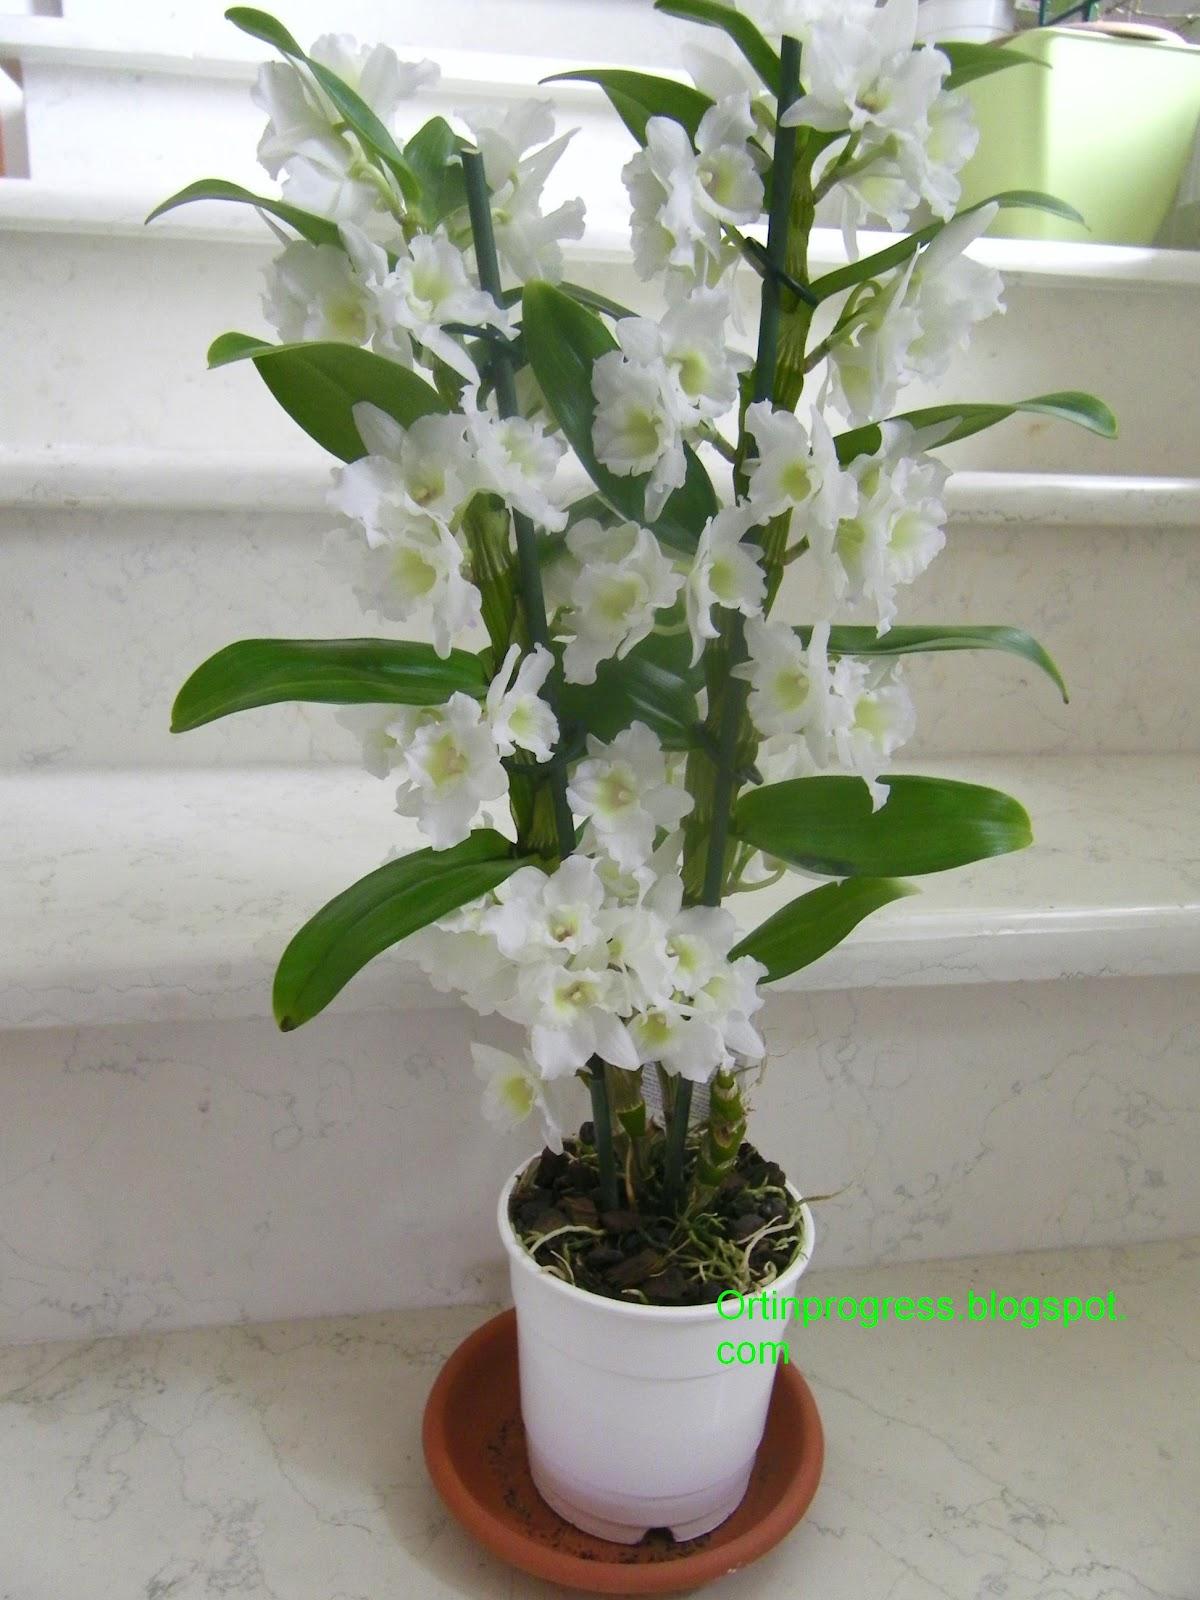 M m gardening sfagno terapia o cotone terapia for Vaso orchidea